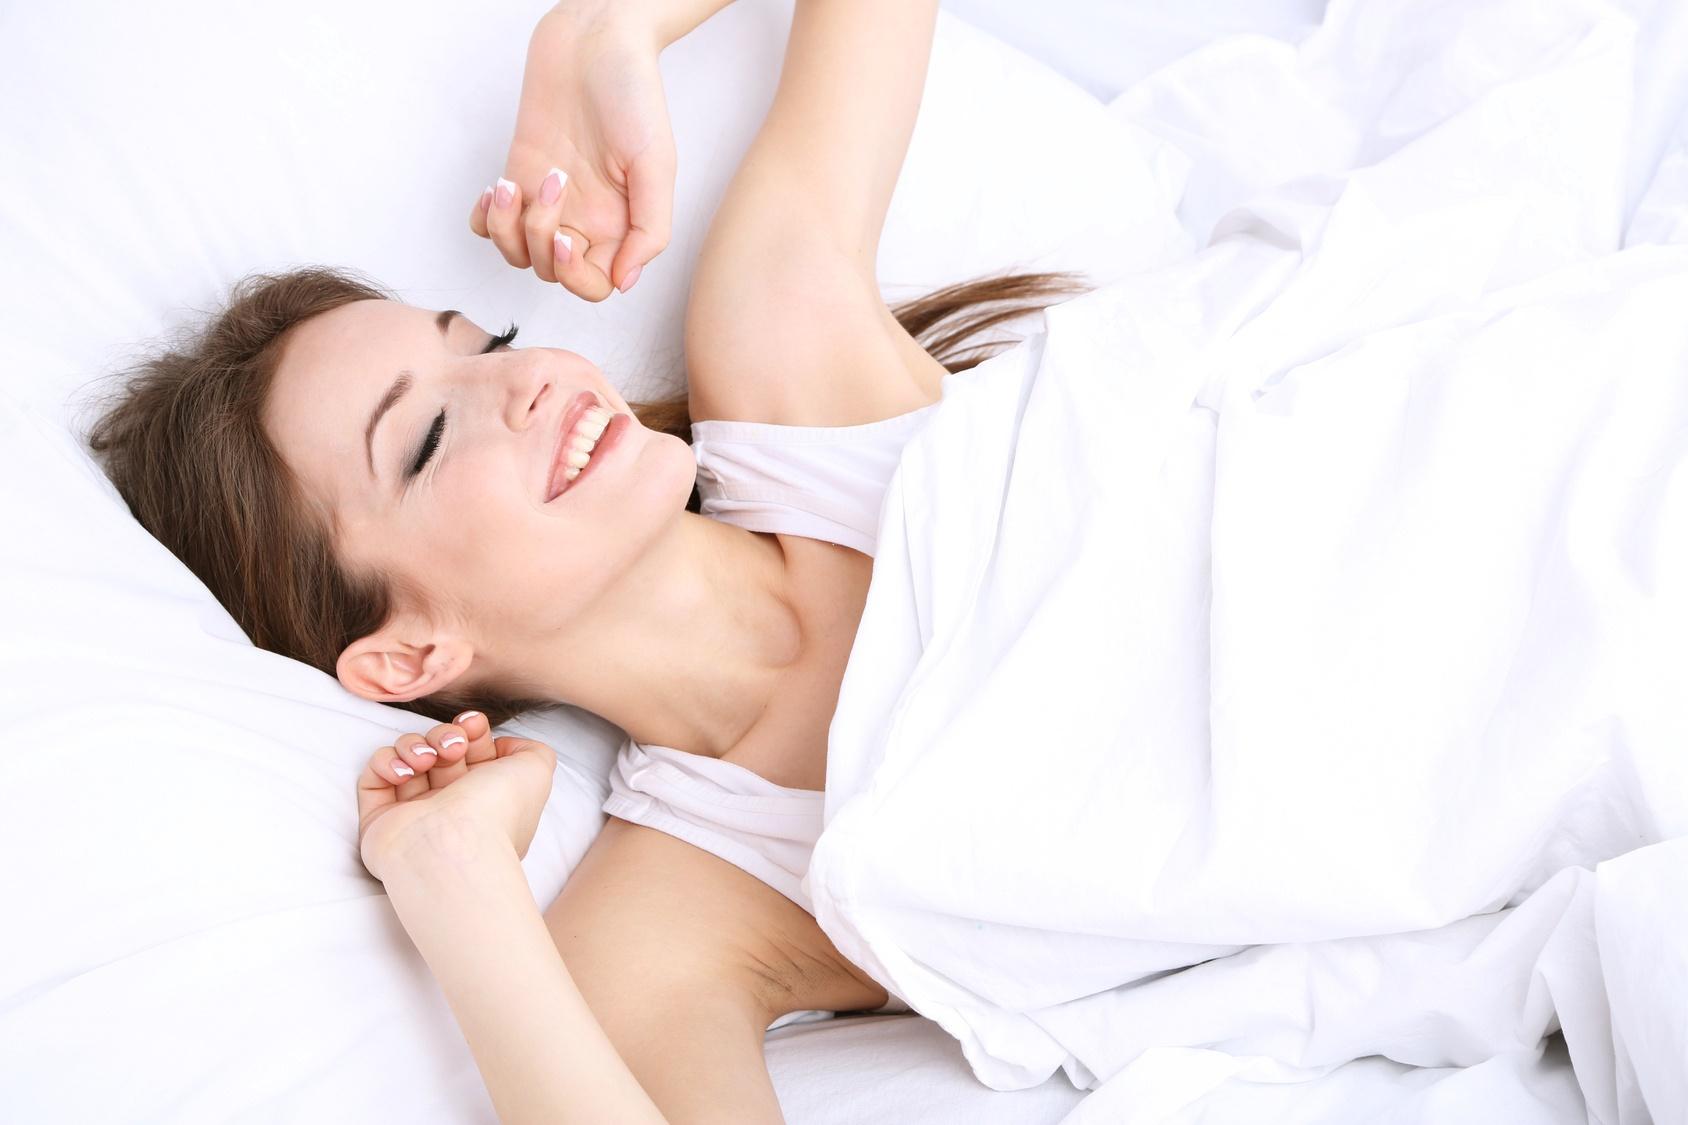 comment bien se r veiller le matin et tre fra che toute la journ e. Black Bedroom Furniture Sets. Home Design Ideas